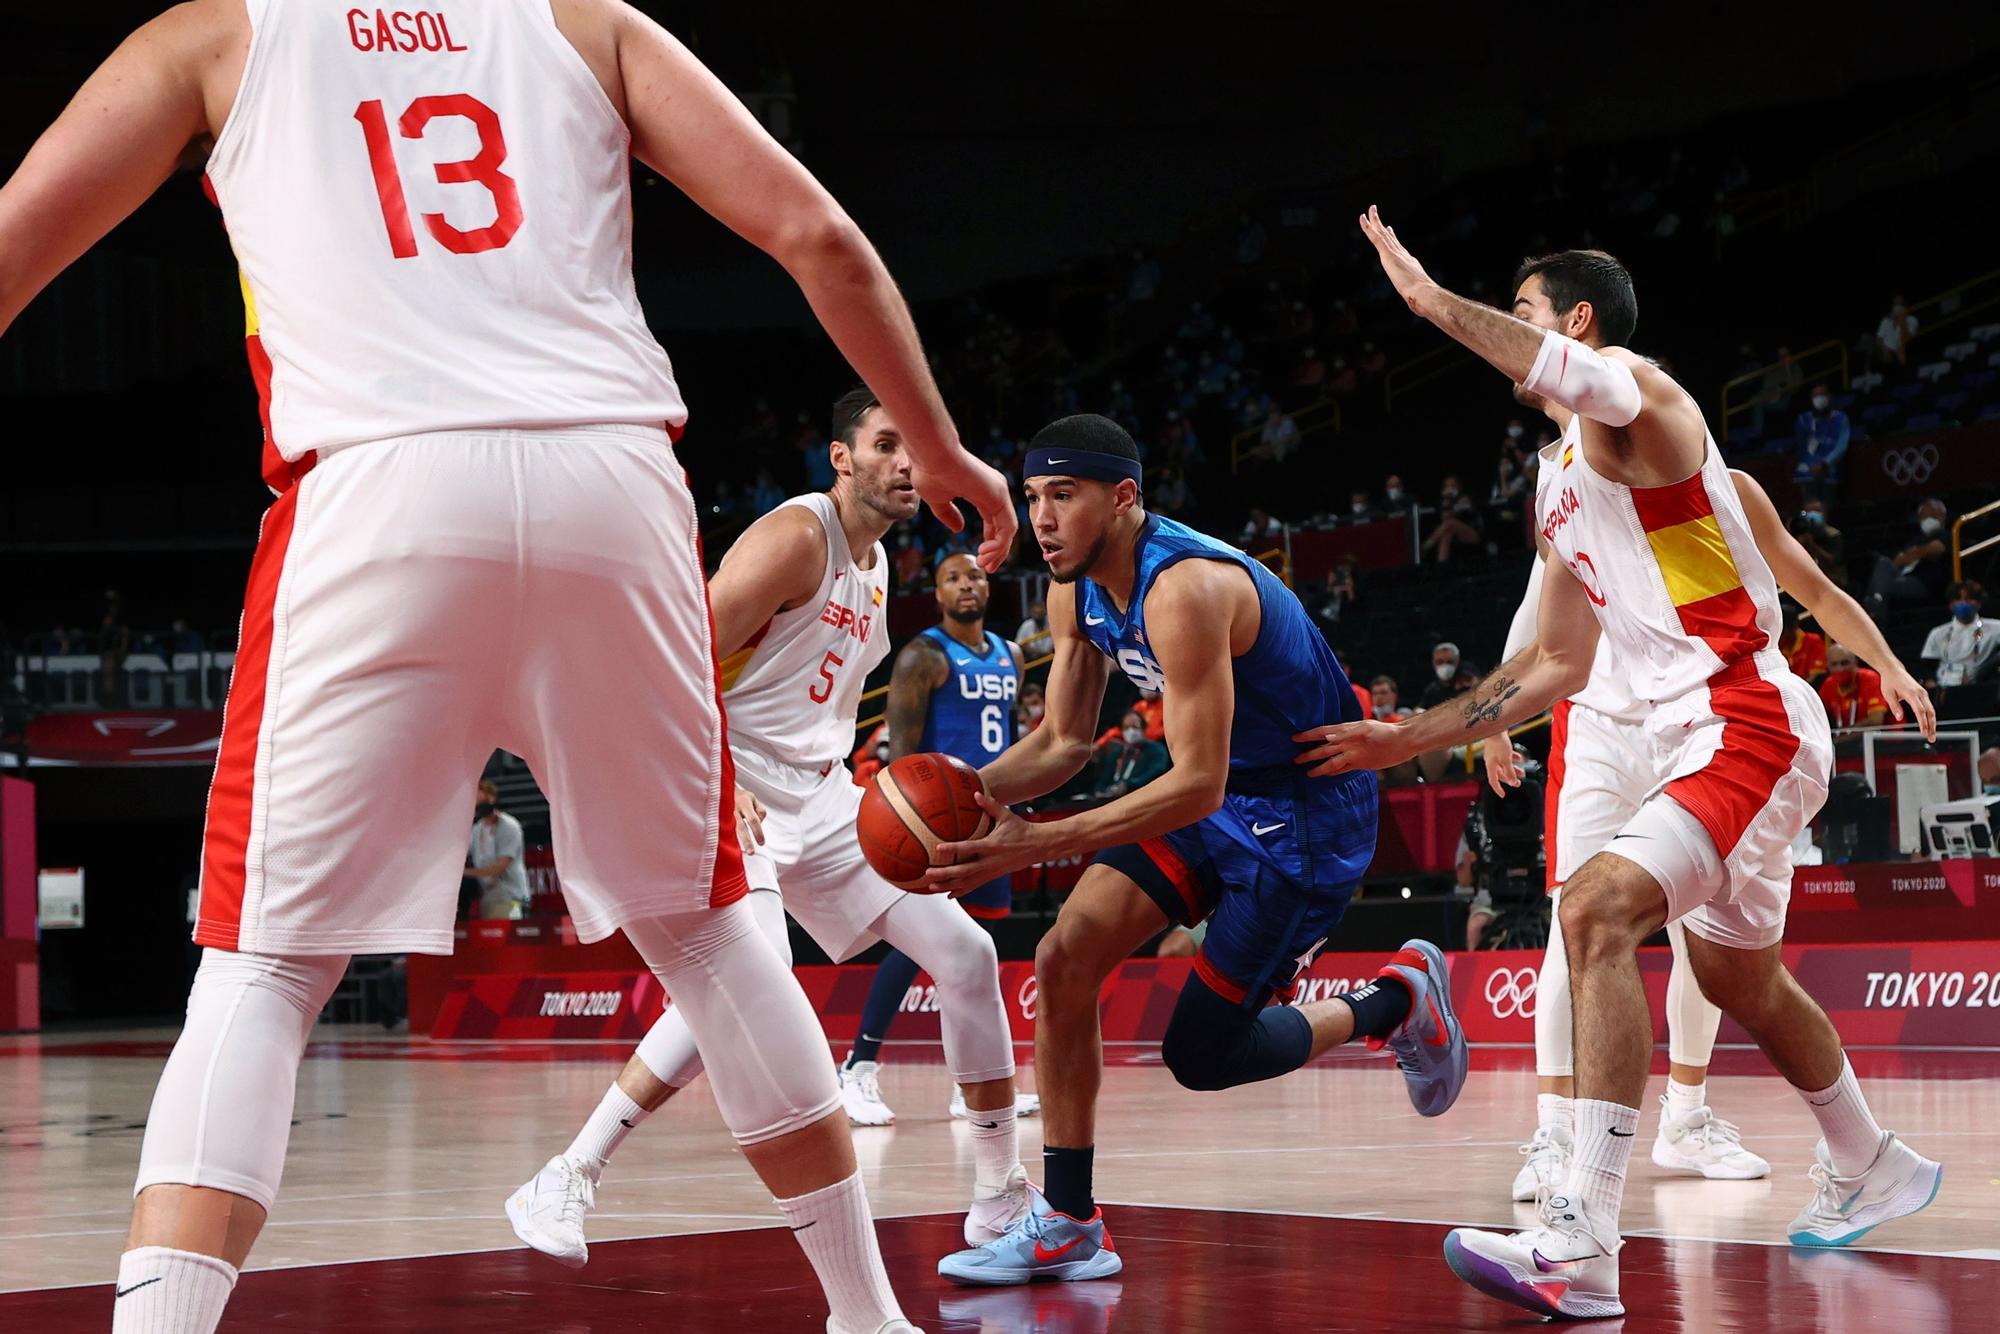 Tokio 2020, baloncesto masculino: España - EEUU